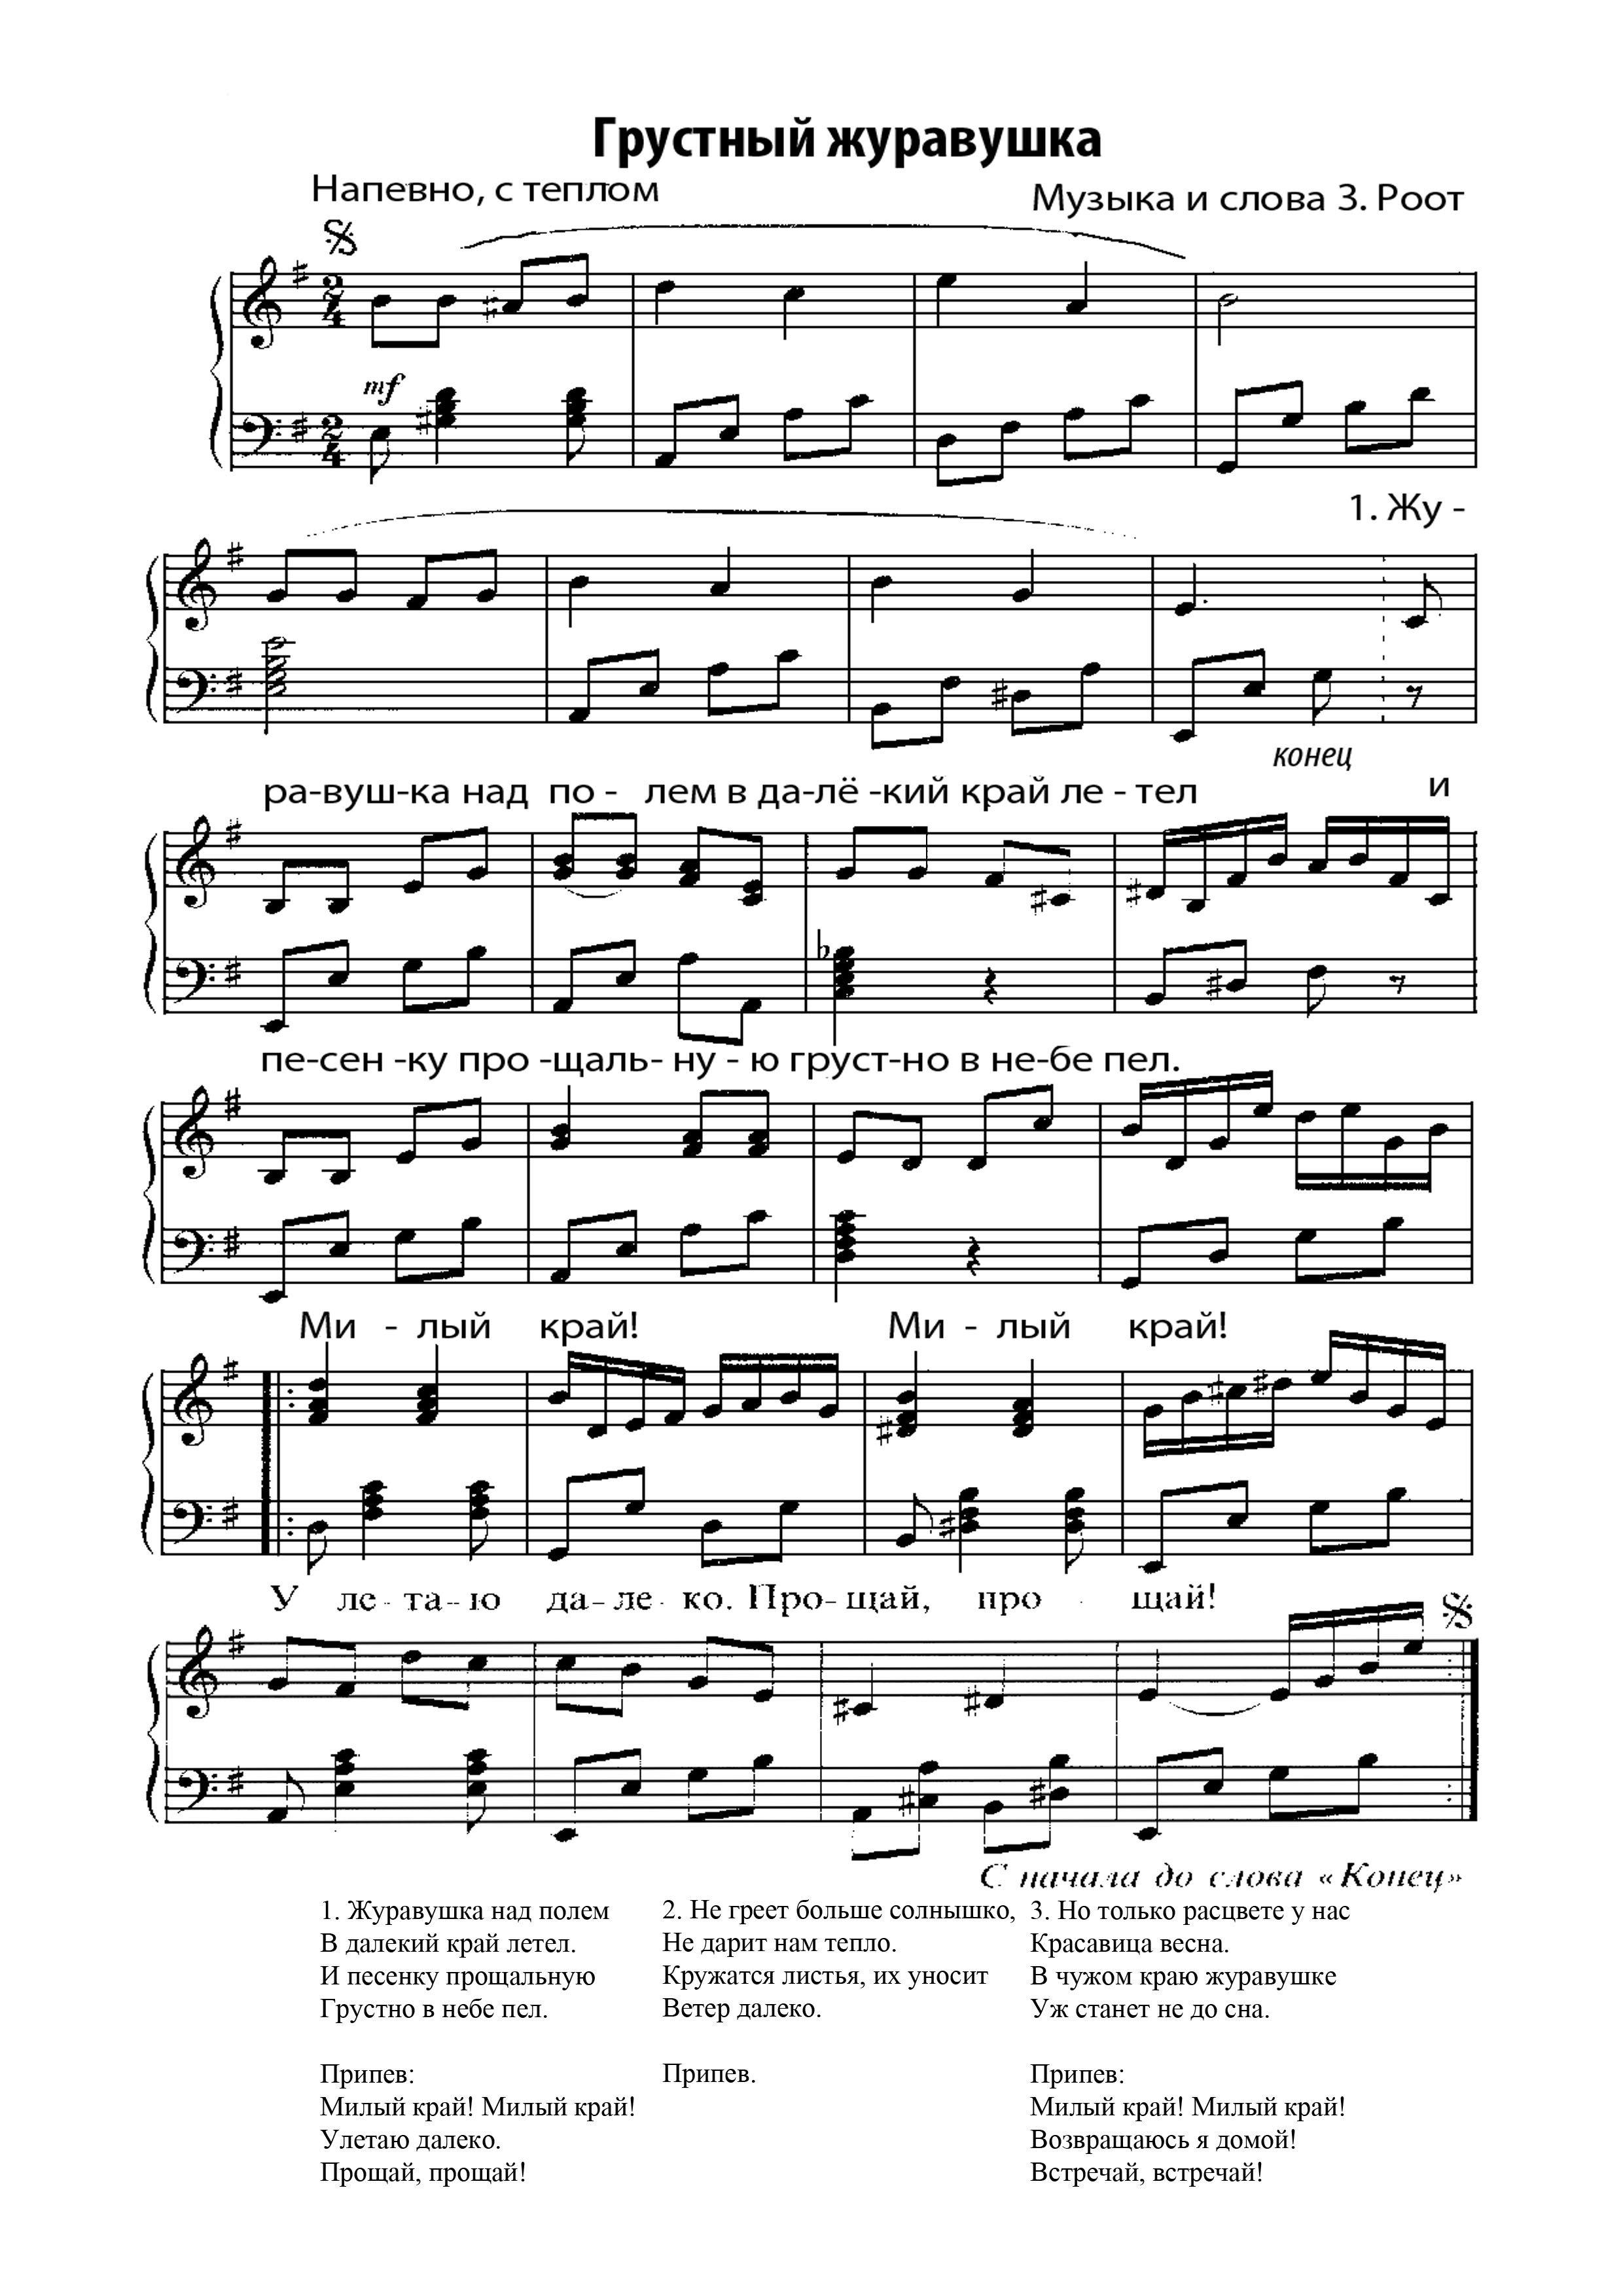 Детские грустные мелодии скачать бесплатно